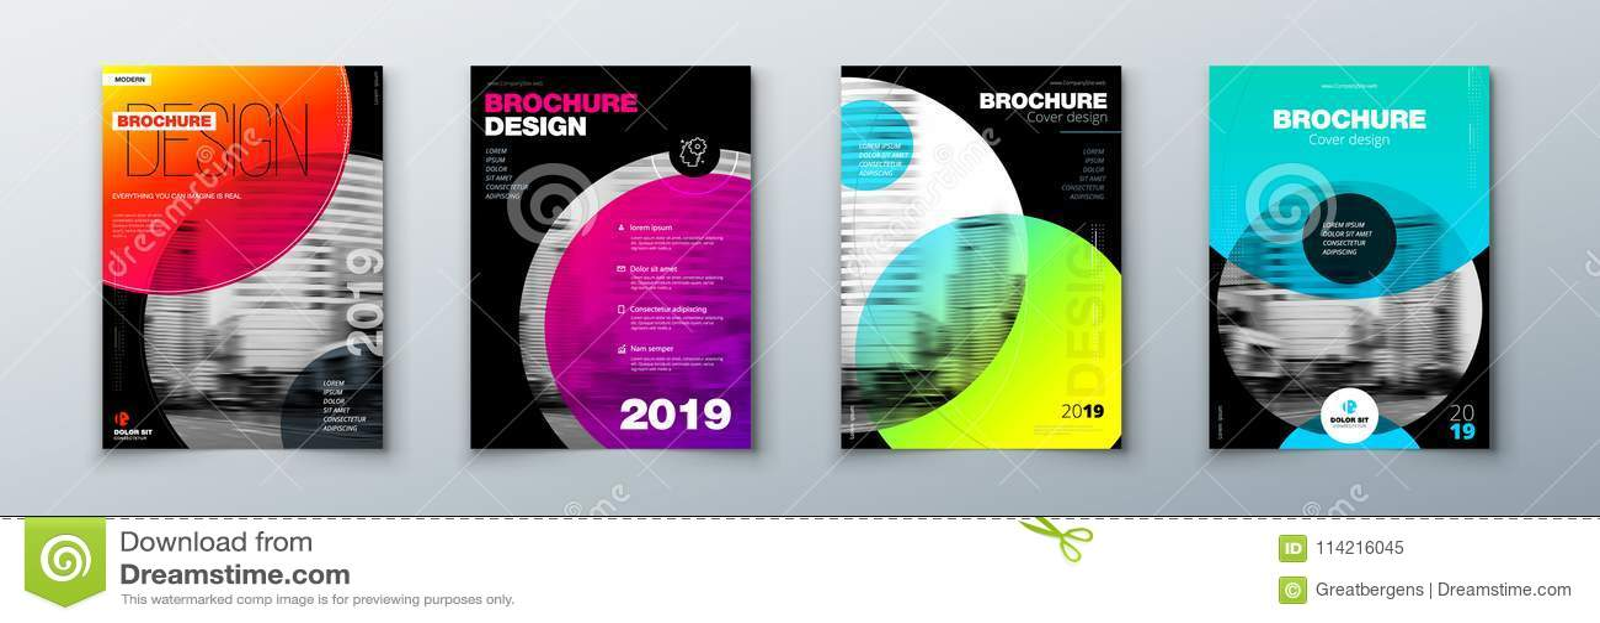 Ljus uppsättning för design för cirkelbroschyrräkning Mallorientering för årsrapport, tidskrift, katalog, reklamblad eller häfte